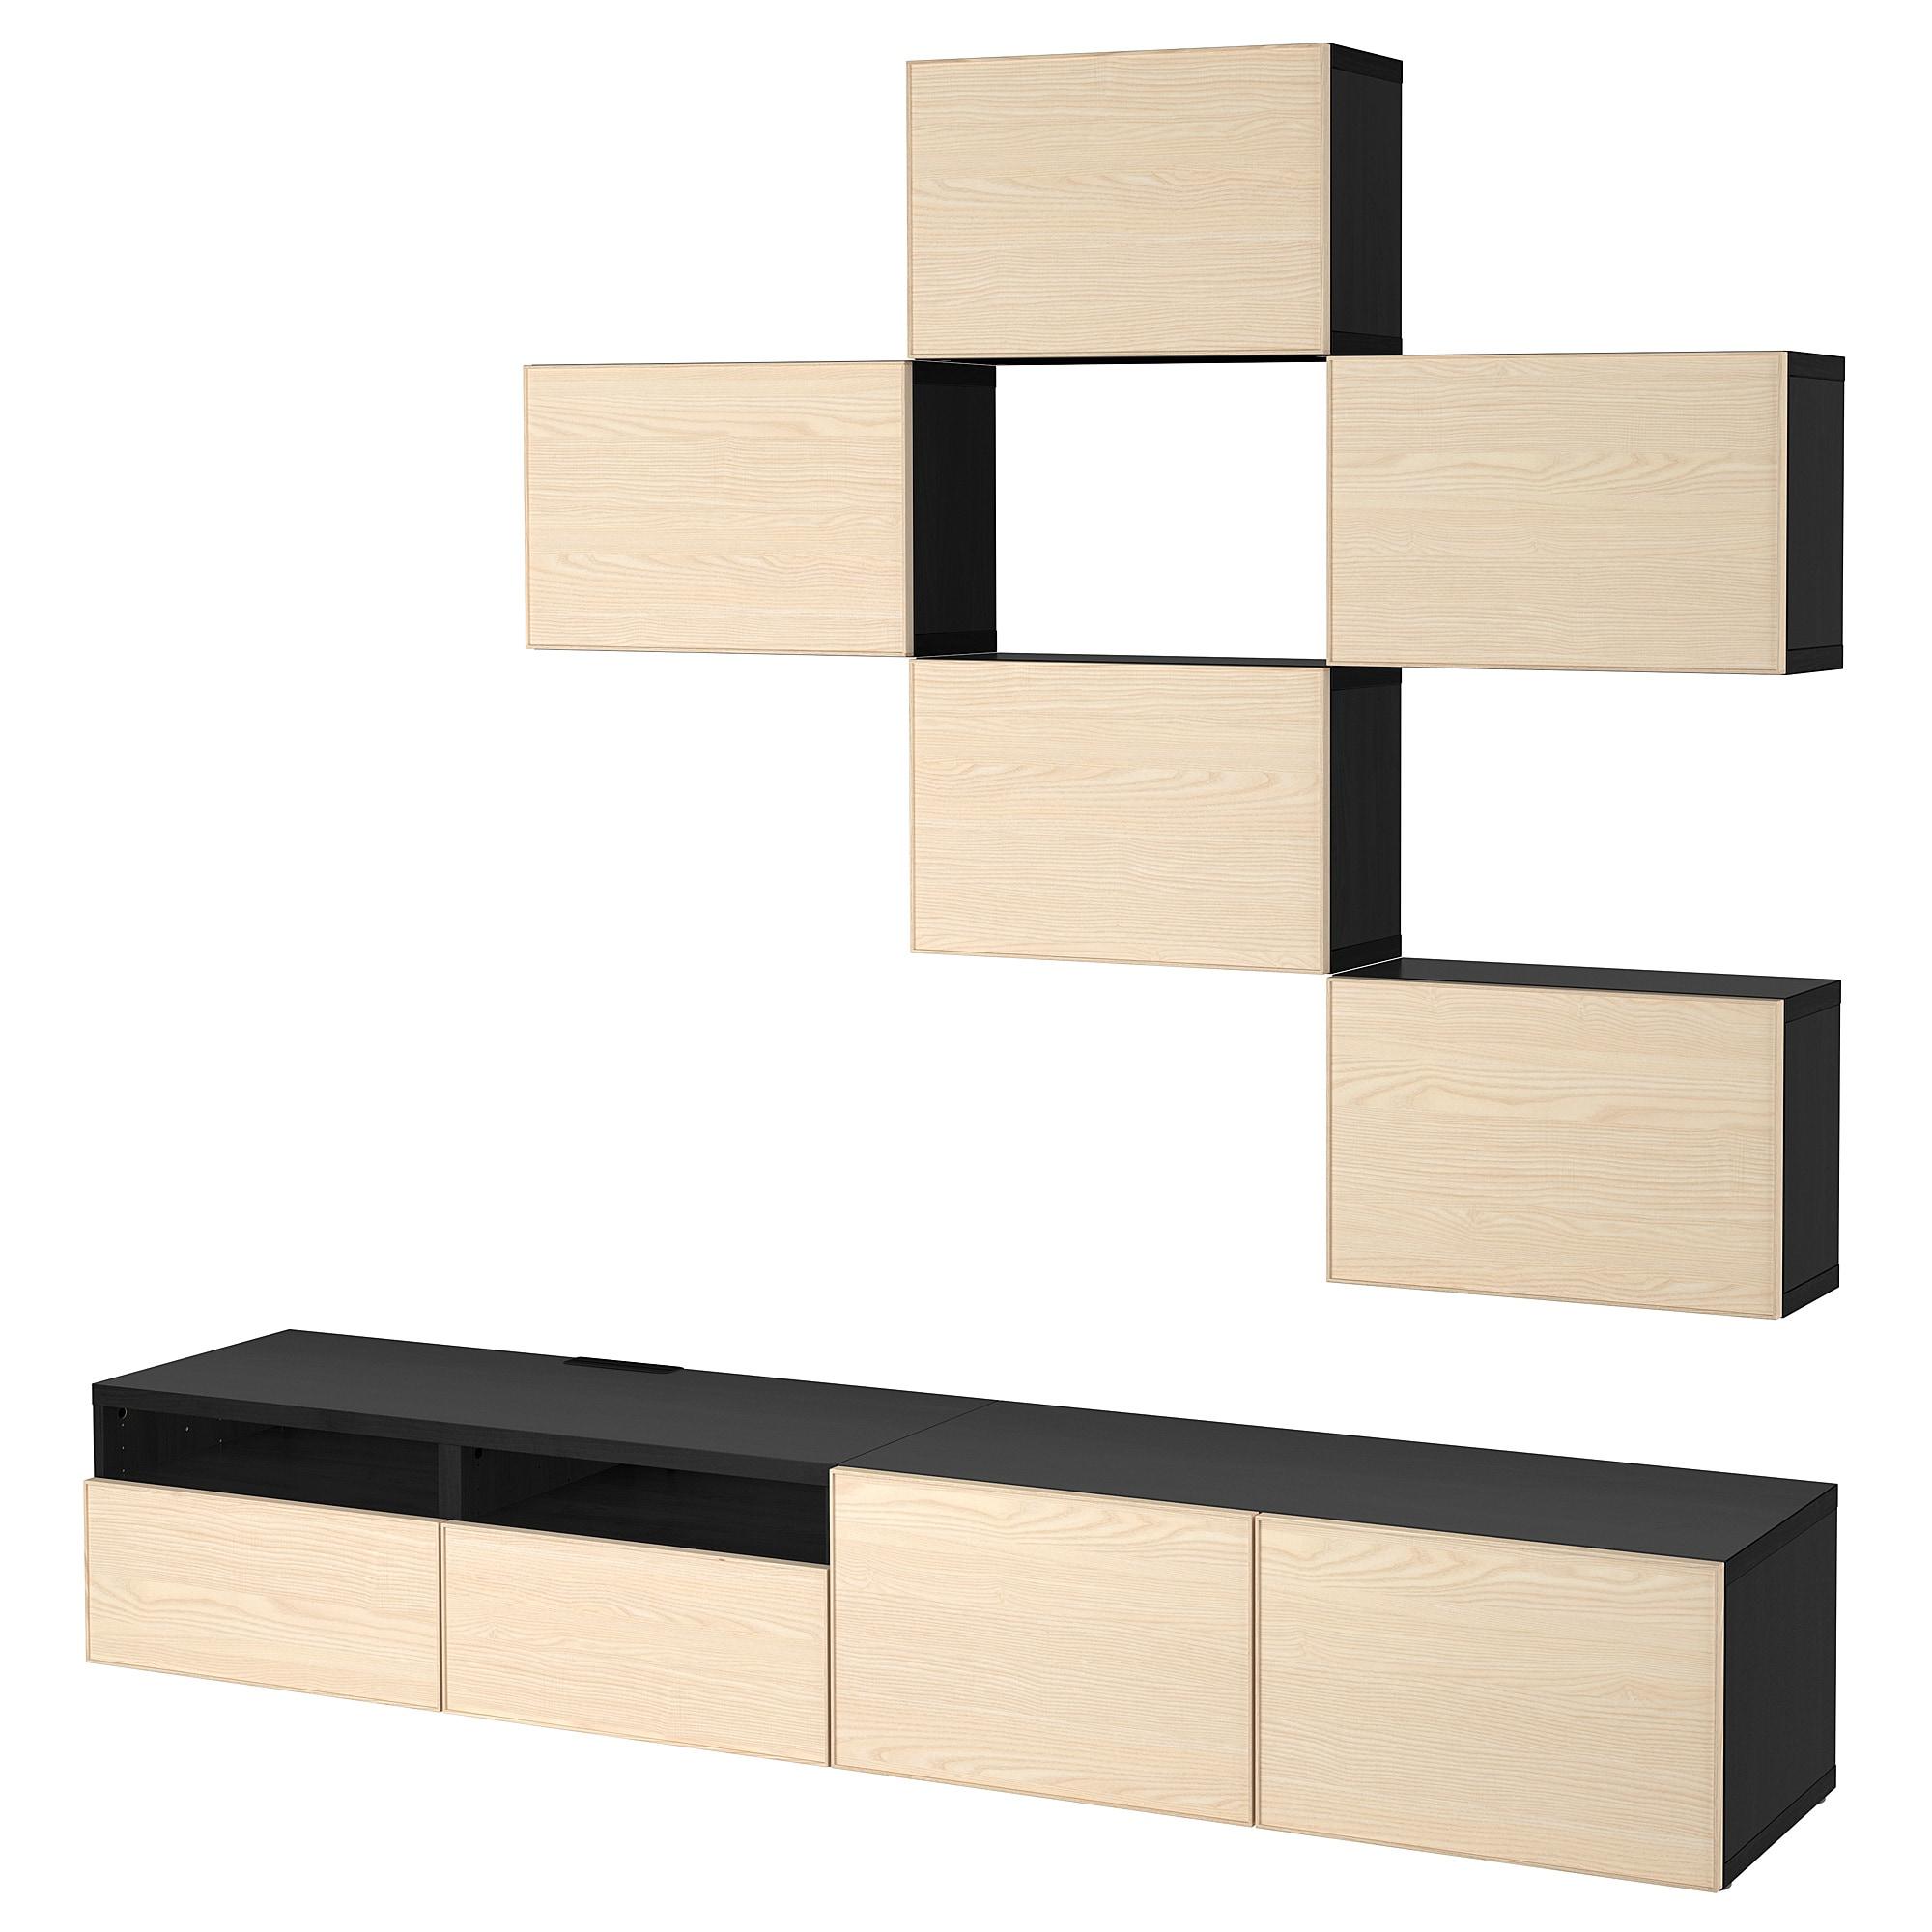 Шкаф для ТВ, комбинация БЕСТО черно-коричневый артикуль № 692.514.25 в наличии. Интернет сайт IKEA Минск. Быстрая доставка и соборка.